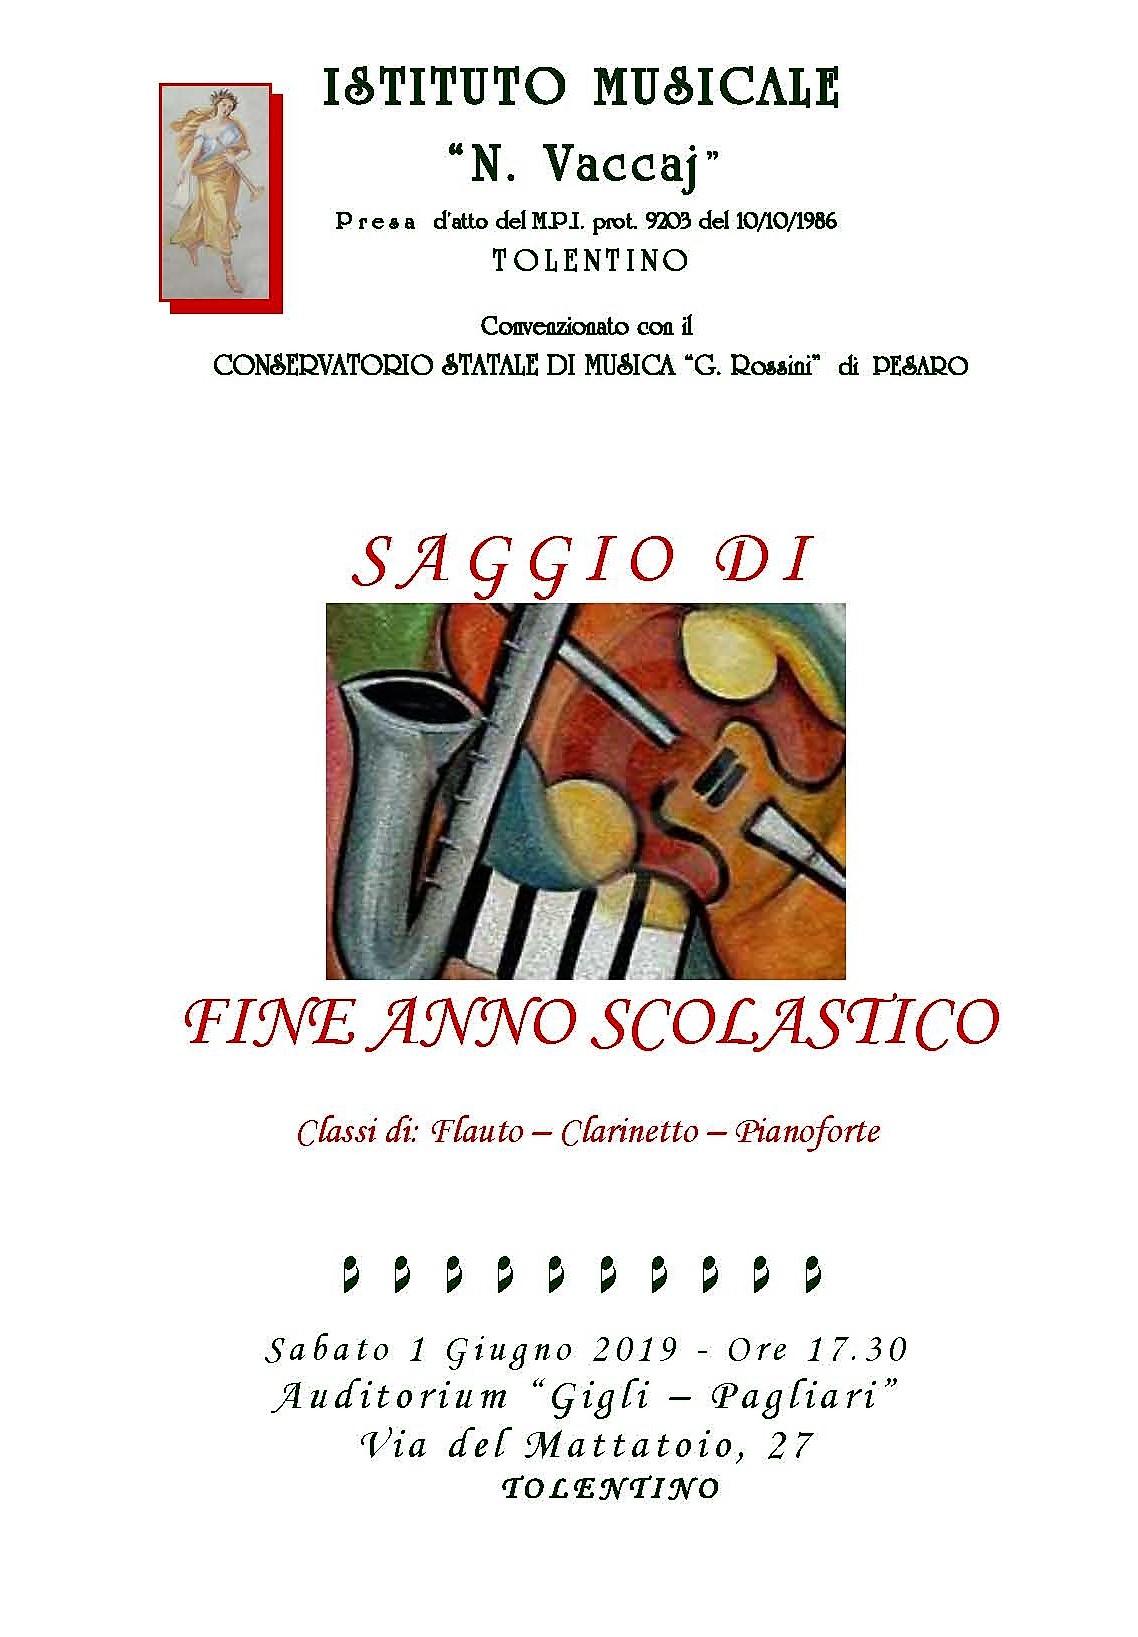 Saggio-1_giugno_2019_colore_rosso_di-classe_Pagina_1